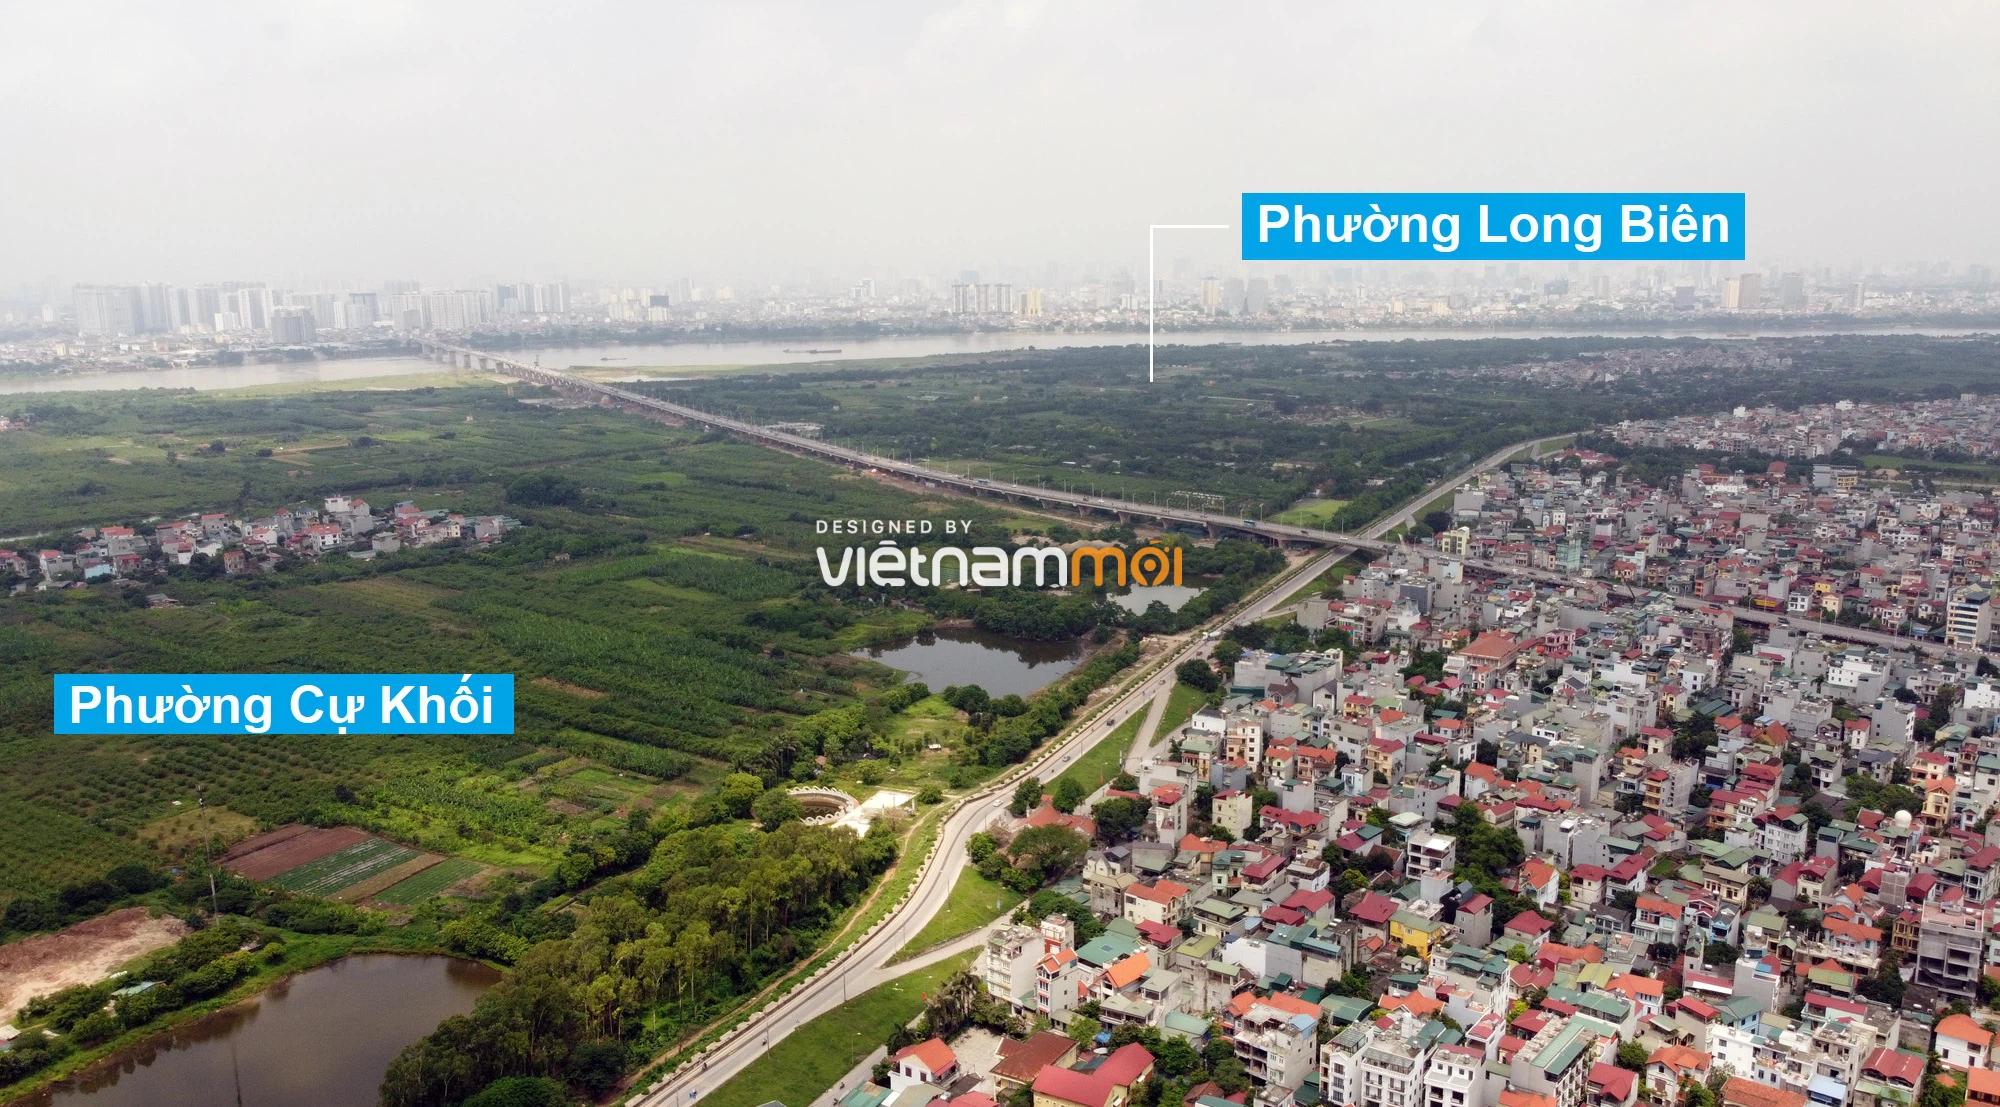 Hà Nội: Toàn cảnh hai bãi sông Hồng được phép xây dựng - Ảnh 12.